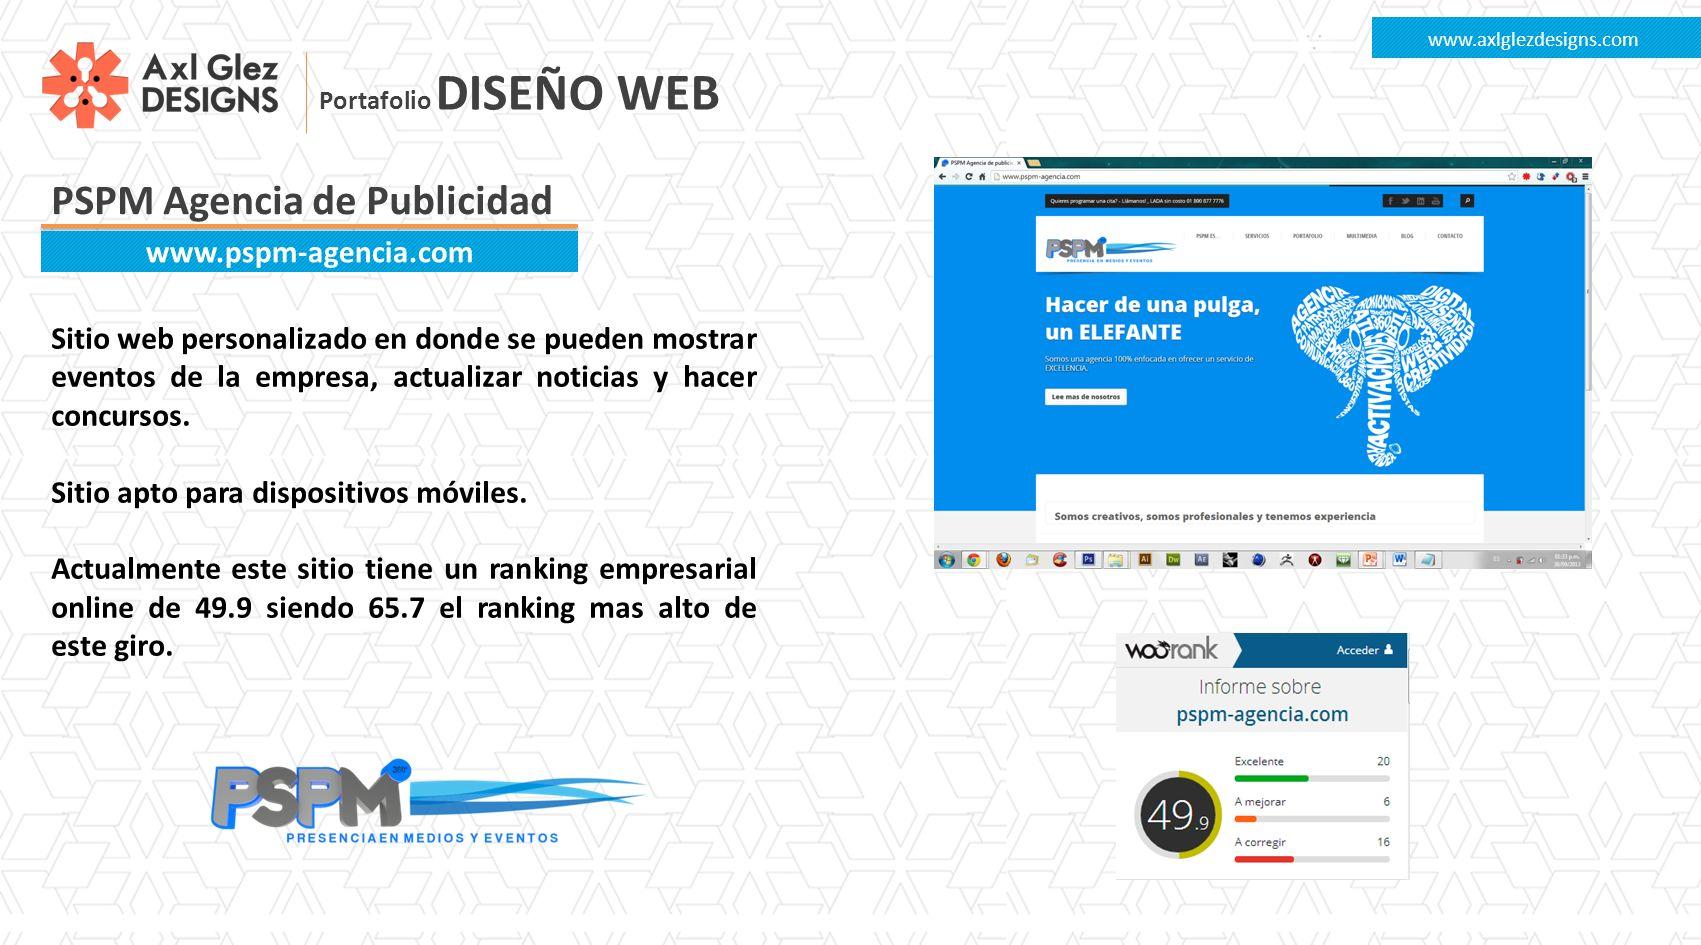 PSPM Agencia de Publicidad www.axlglezdesigns.com www.pspm-agencia.com Sitio web personalizado en donde se pueden mostrar eventos de la empresa, actualizar noticias y hacer concursos.